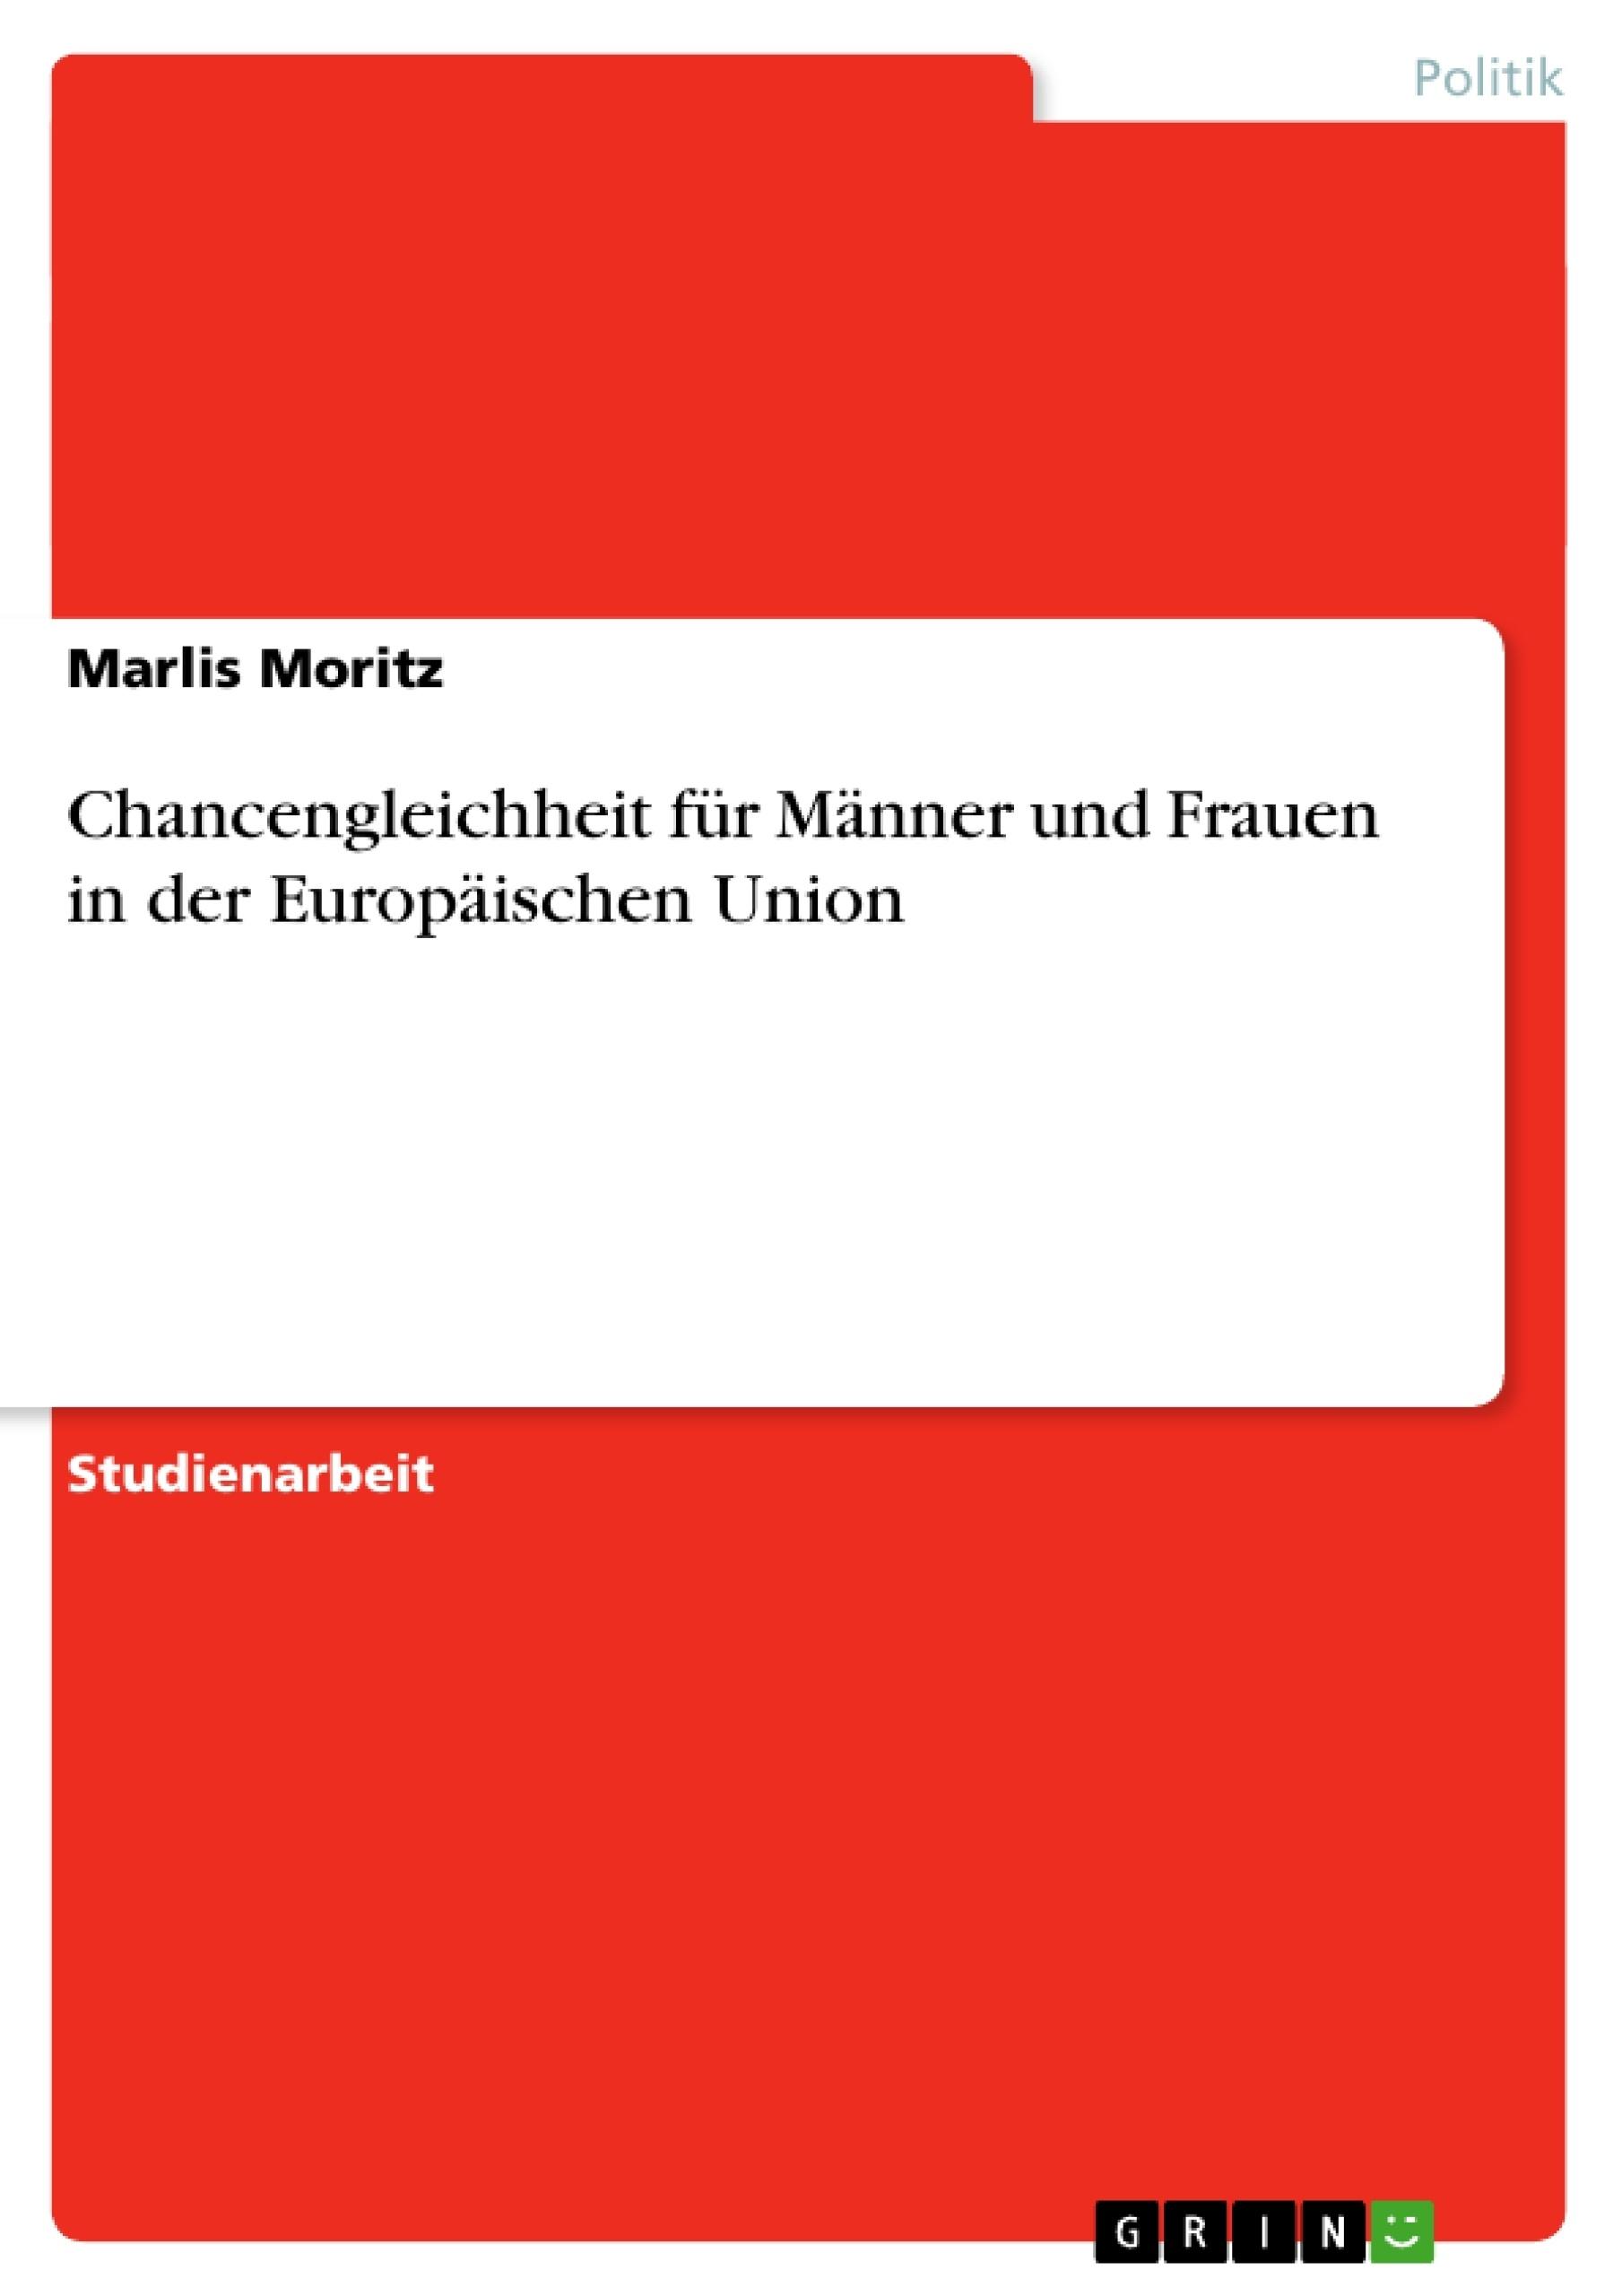 Titel: Chancengleichheit für Männer und Frauen in der Europäischen Union